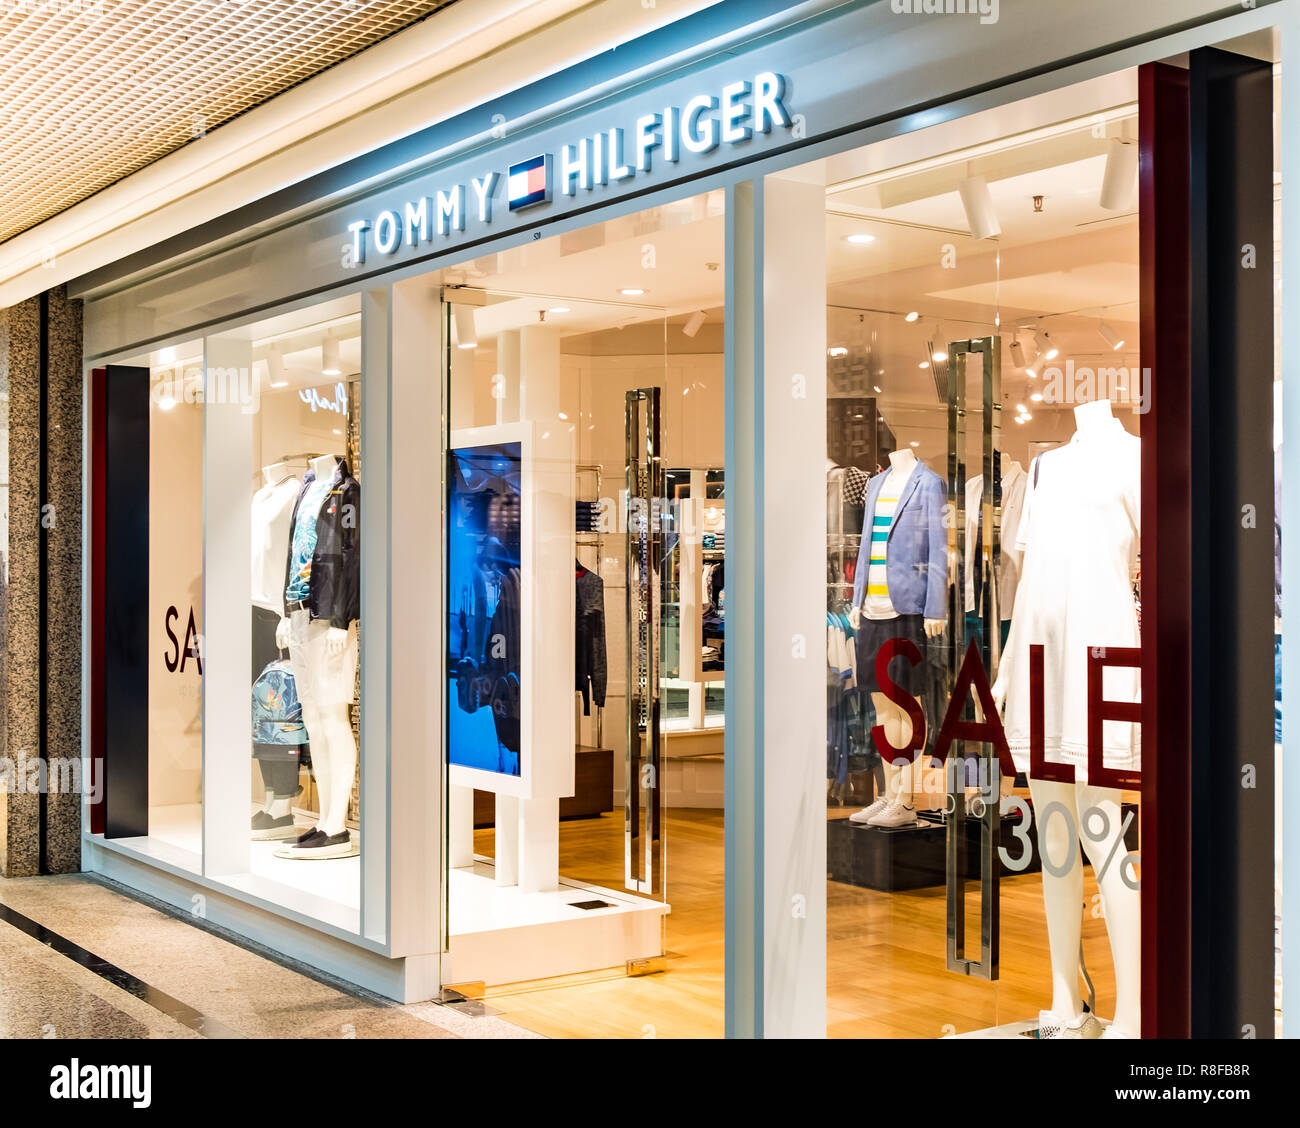 c794b633 Hong Kong, April 7, 2019: Tommy Hilfiger store in Hong Kong Stock ...